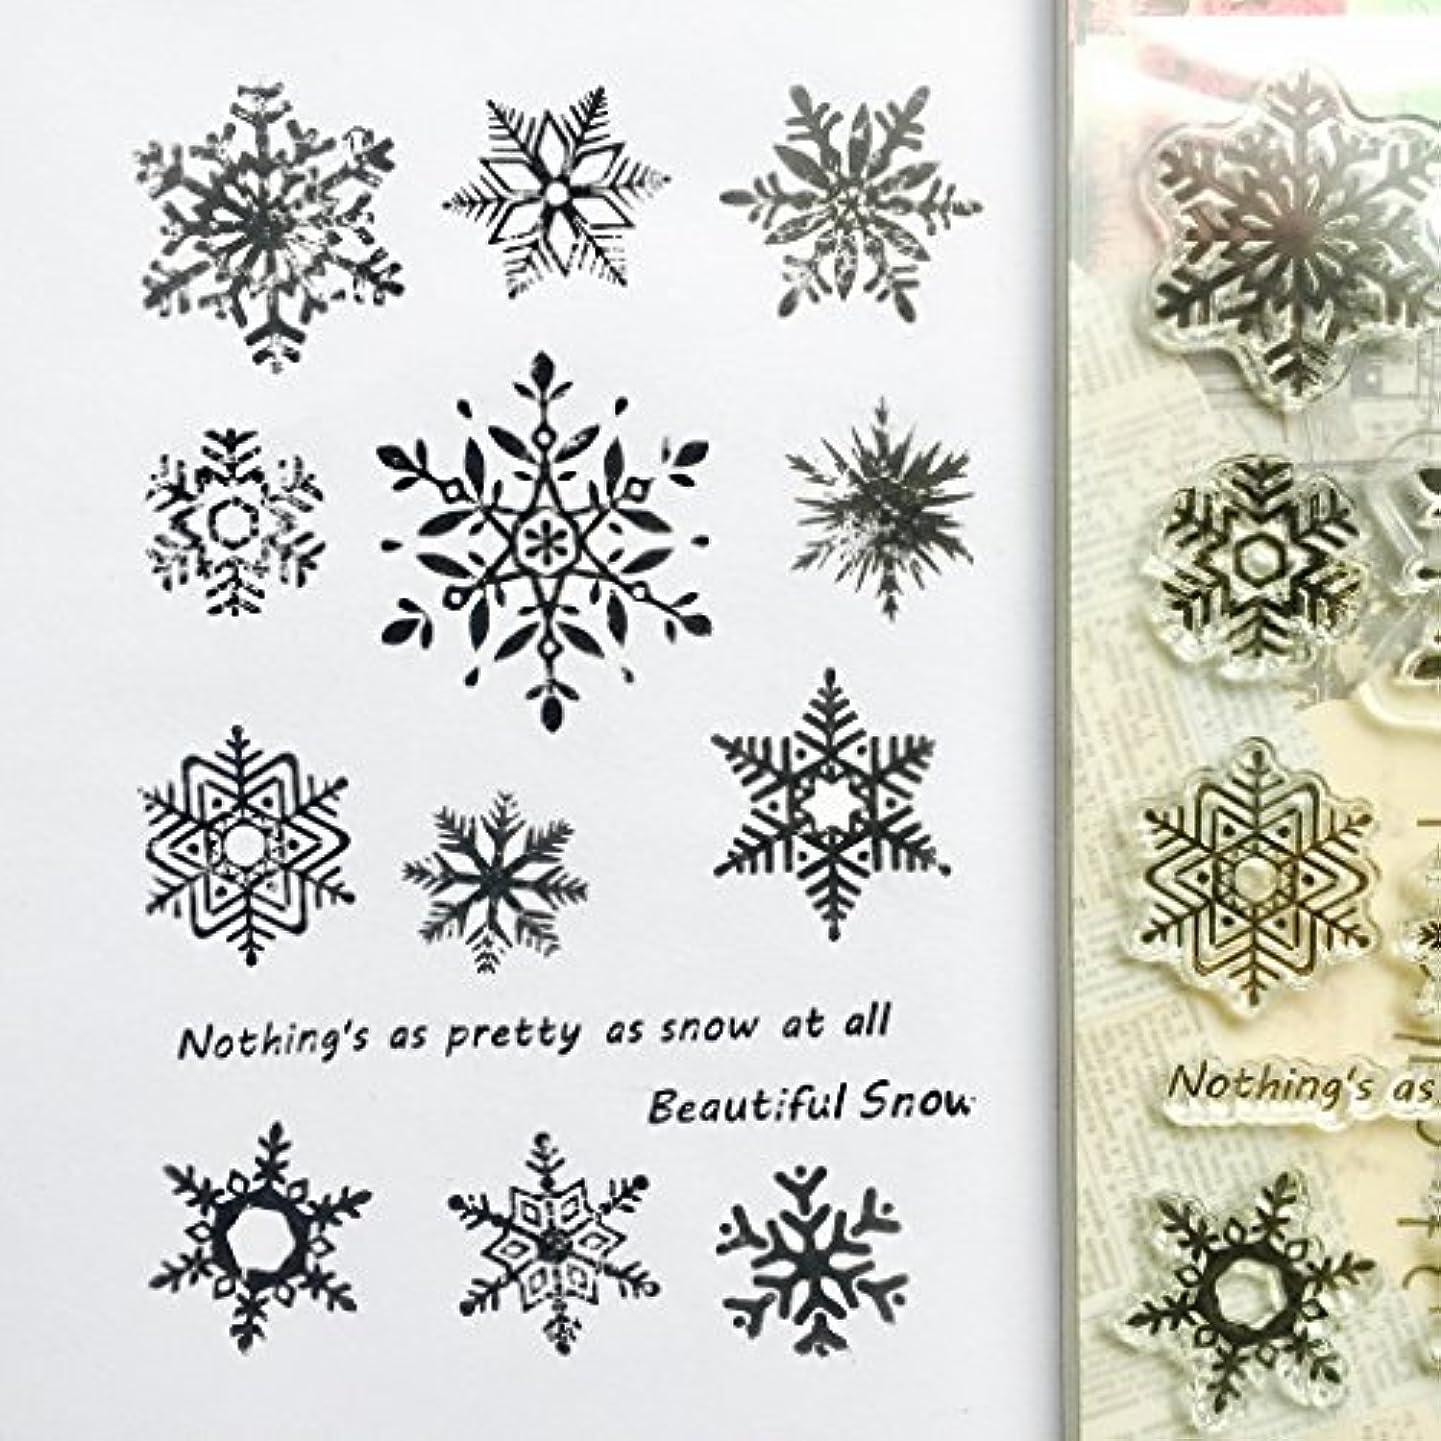 送った同意する不運Baoyouls Christmas Snowflake Patternシリコンクリアスタンプ、ラバークリアスタンプClingセットScrapbookingクラフト日記カード、DIYギフト